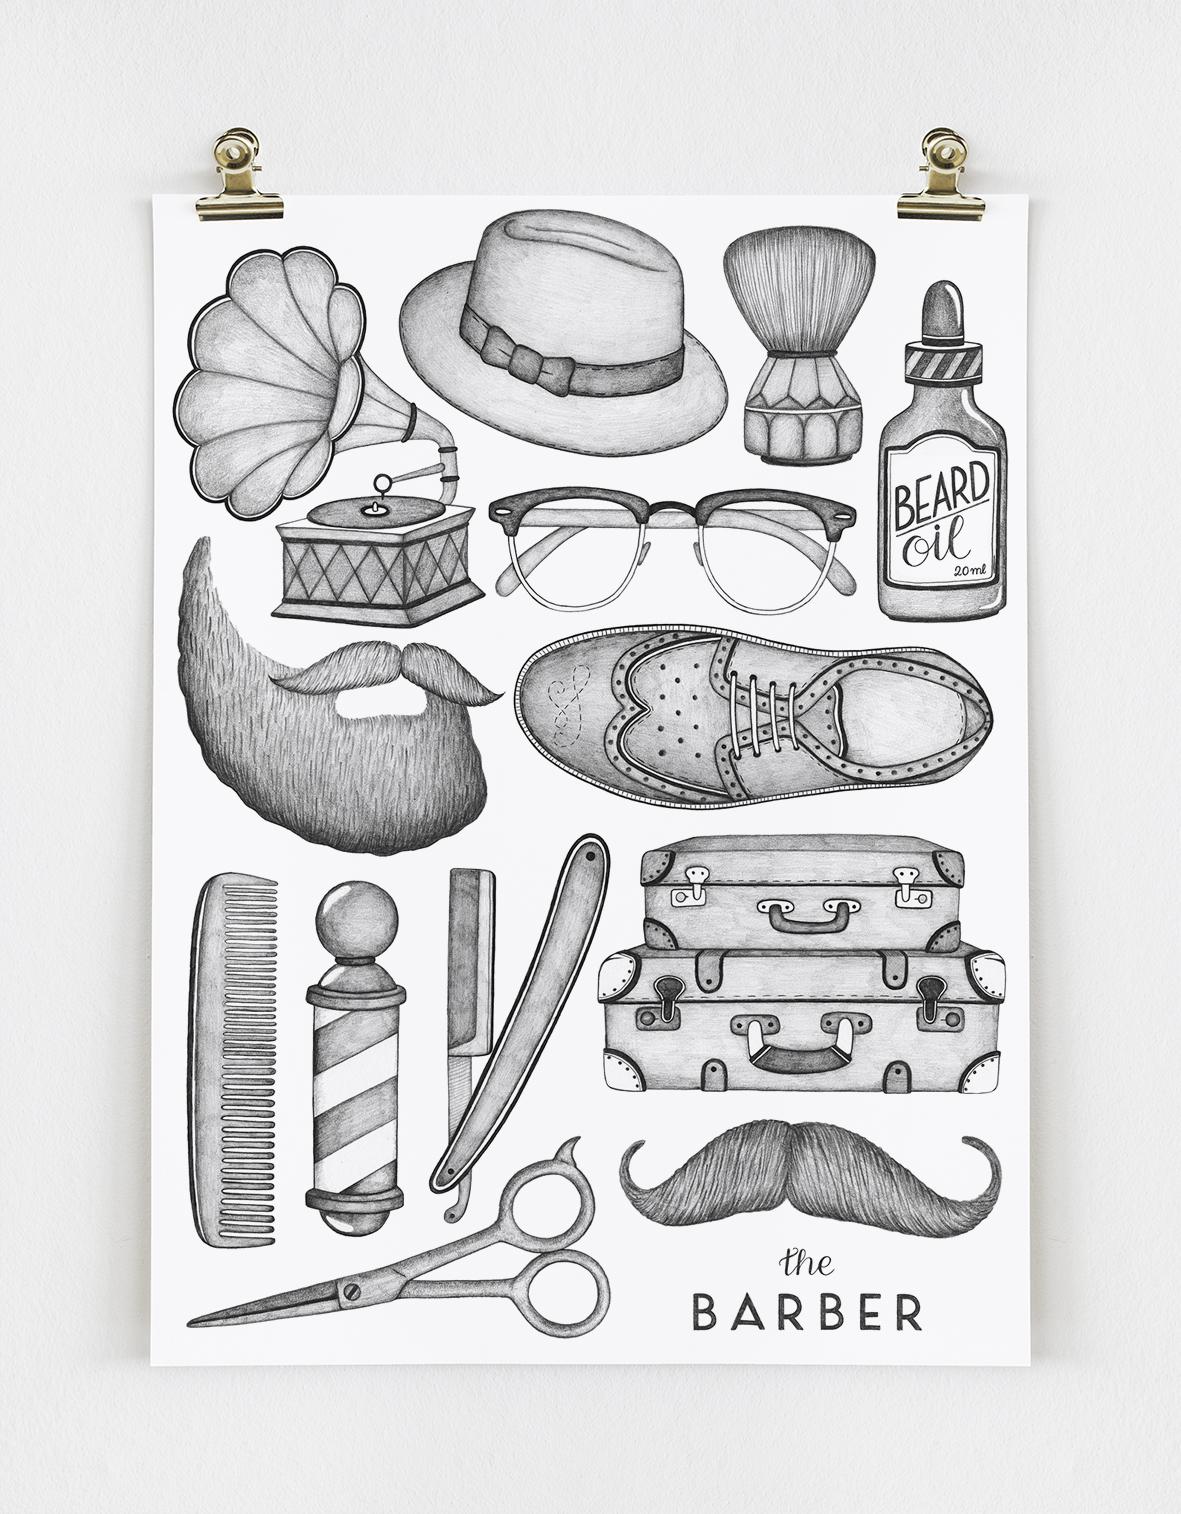 Barber2_tovelisa